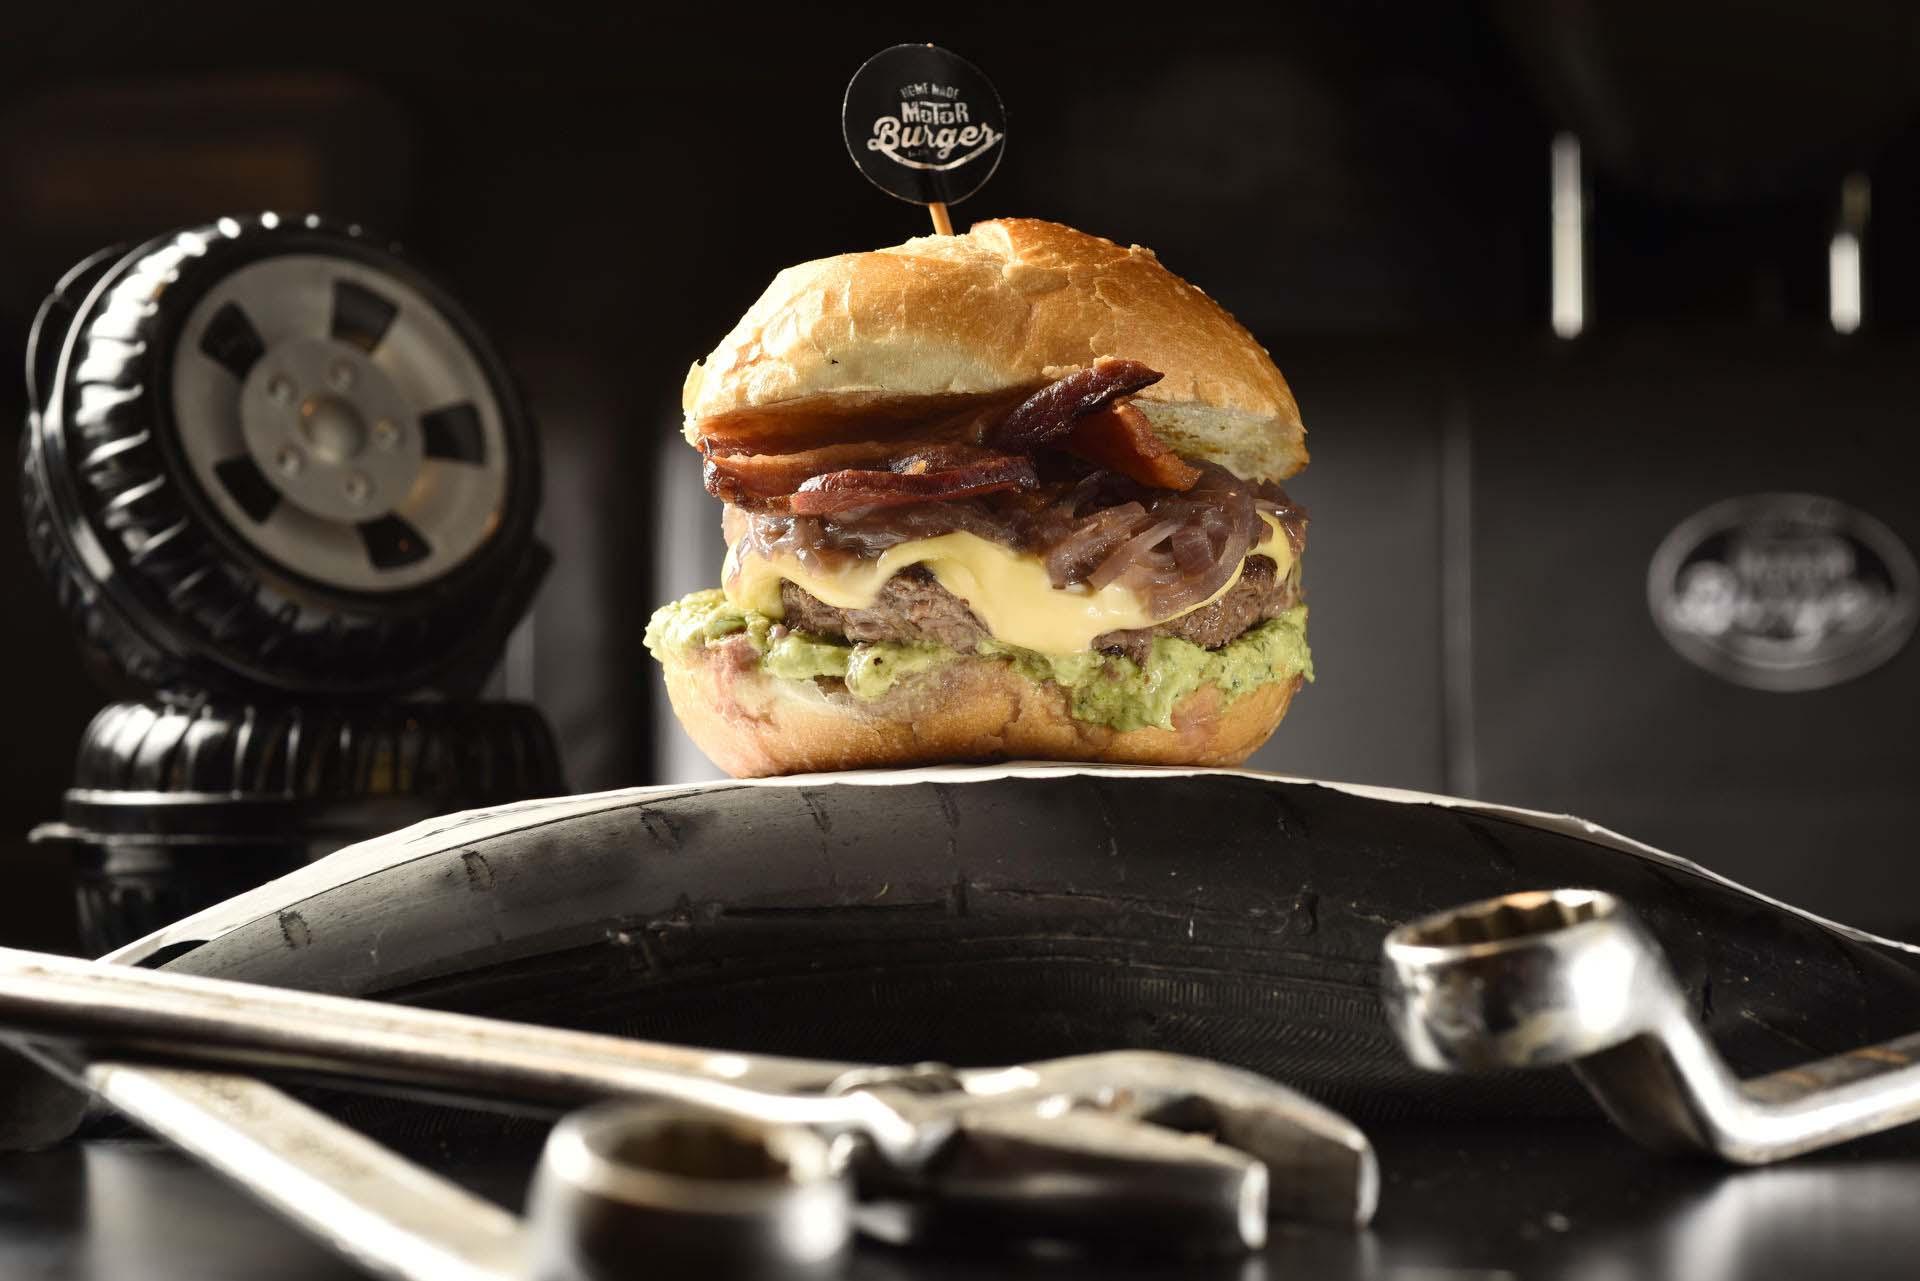 Motor Burger - Rio de Janeiro